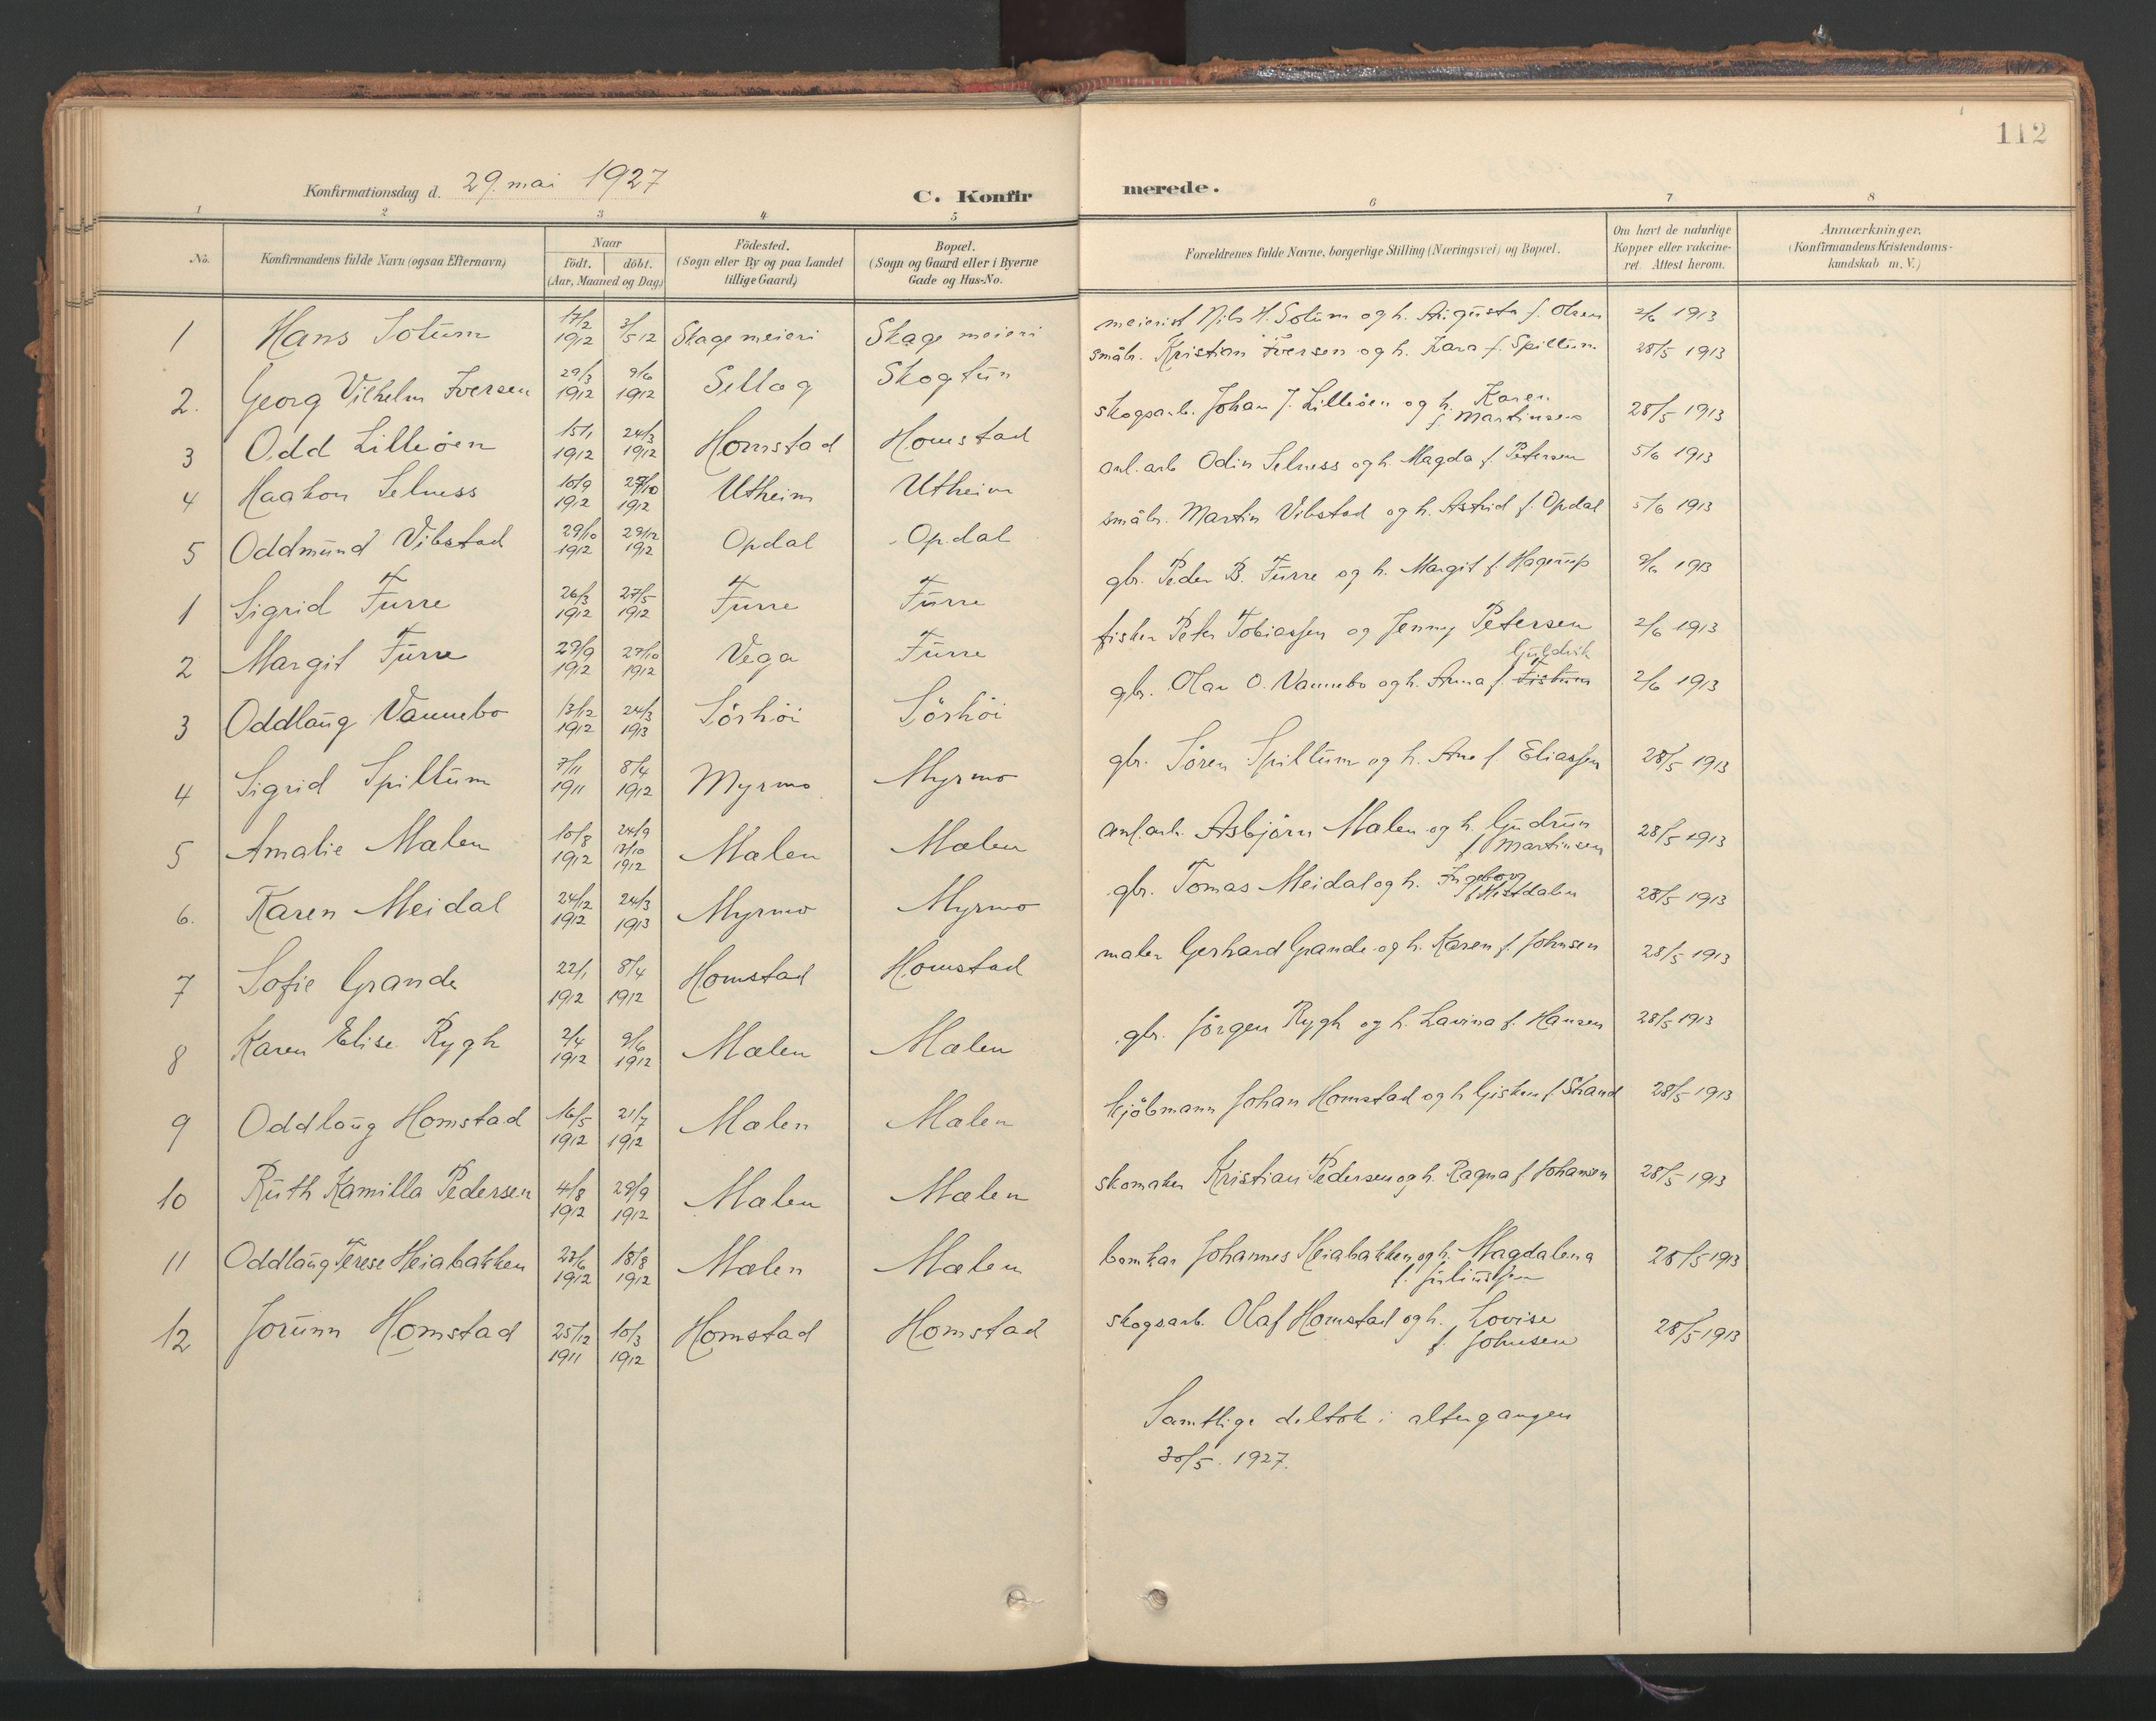 SAT, Ministerialprotokoller, klokkerbøker og fødselsregistre - Nord-Trøndelag, 766/L0564: Ministerialbok nr. 767A02, 1900-1932, s. 112